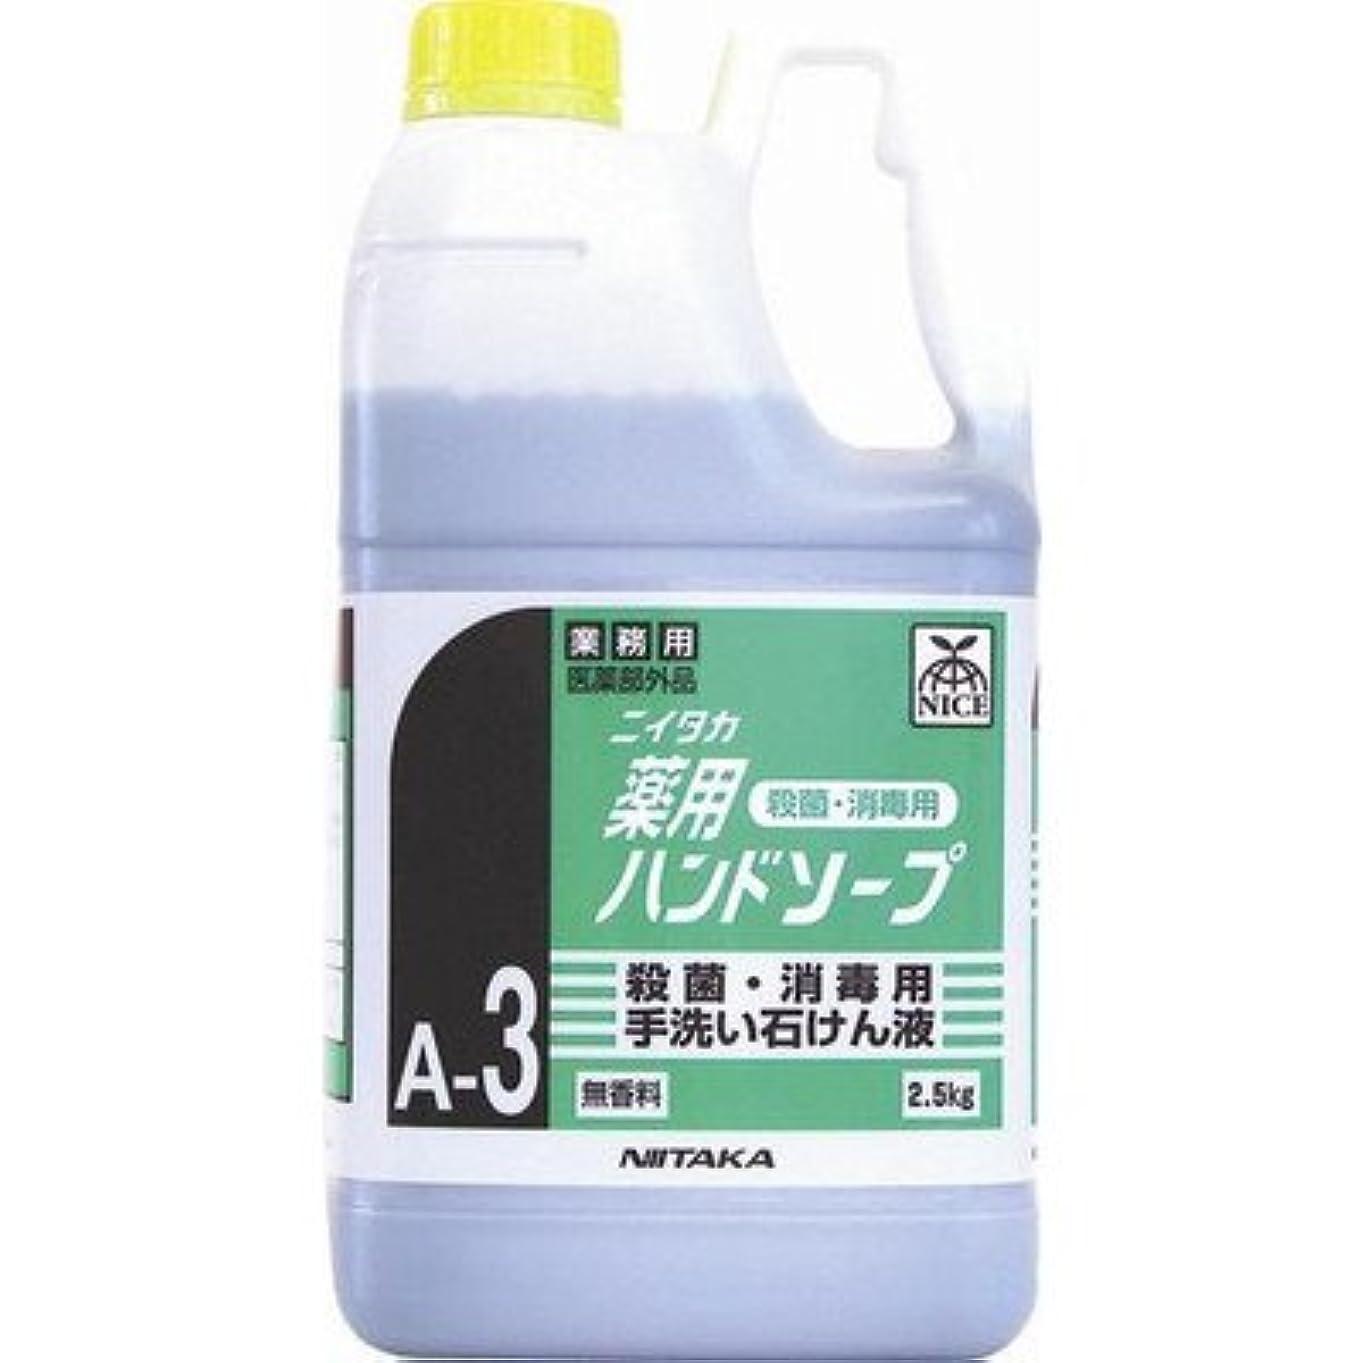 デジタルレッスン抜け目がないニイタカ 業務用手洗い石けん液 薬用ハンドソープ(A-3) 2.5kg×6本